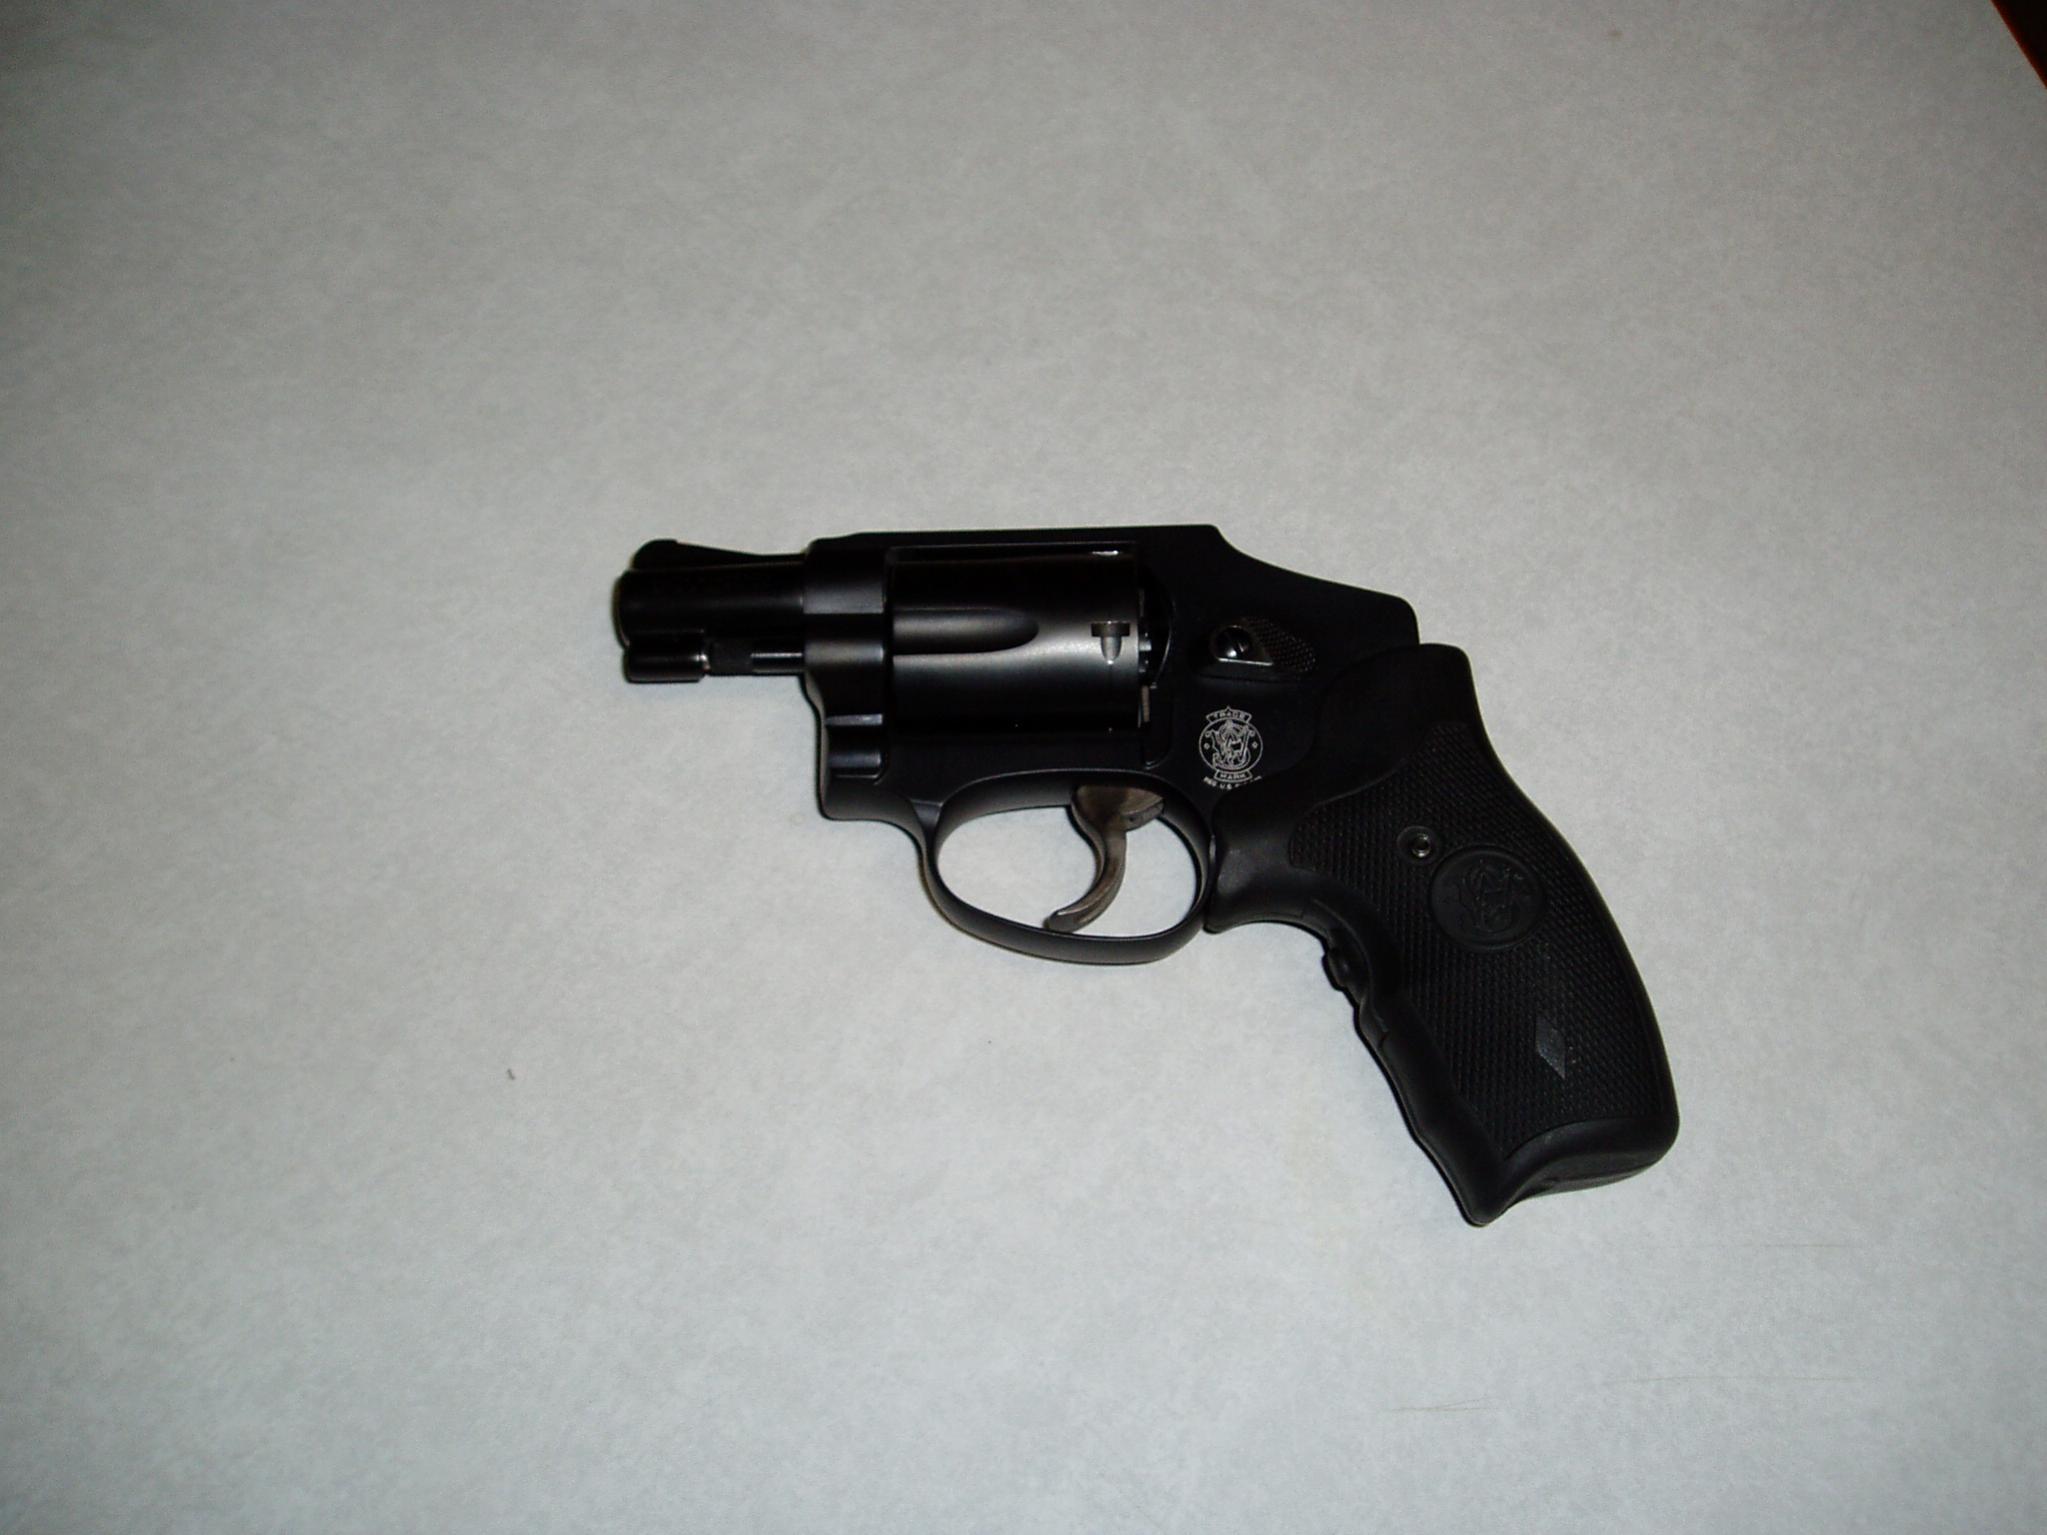 Charter Arms Off Duty Aluminum 38spl-guns-011.jpg